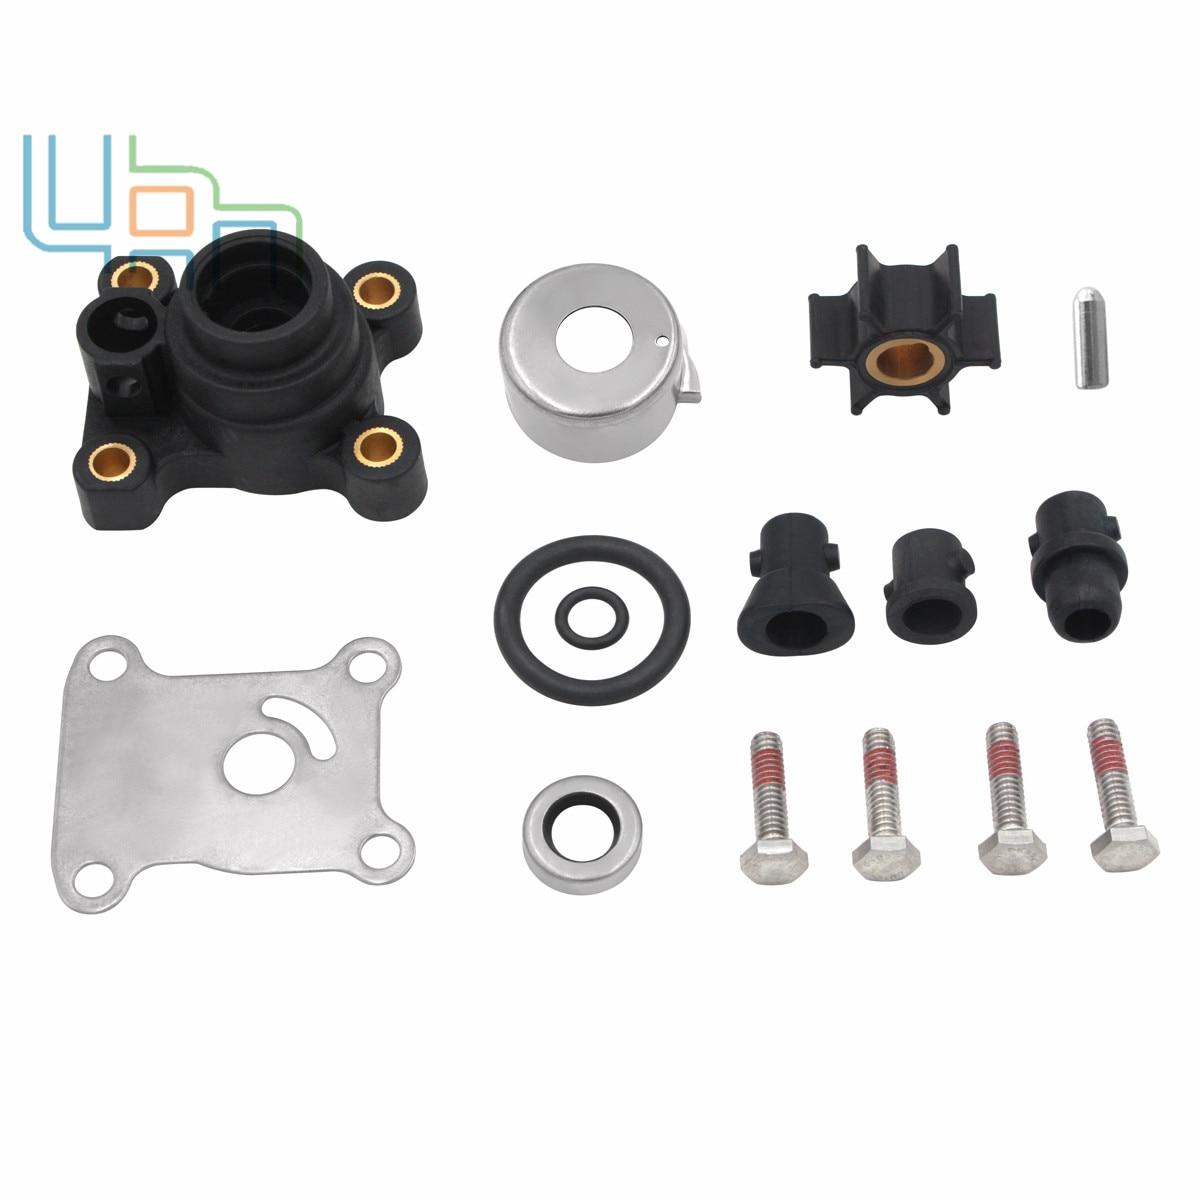 9.9hp & 15hp Impeller Water Pump Repair Kit For Johnson/Evinrude 394711 0394711 391698